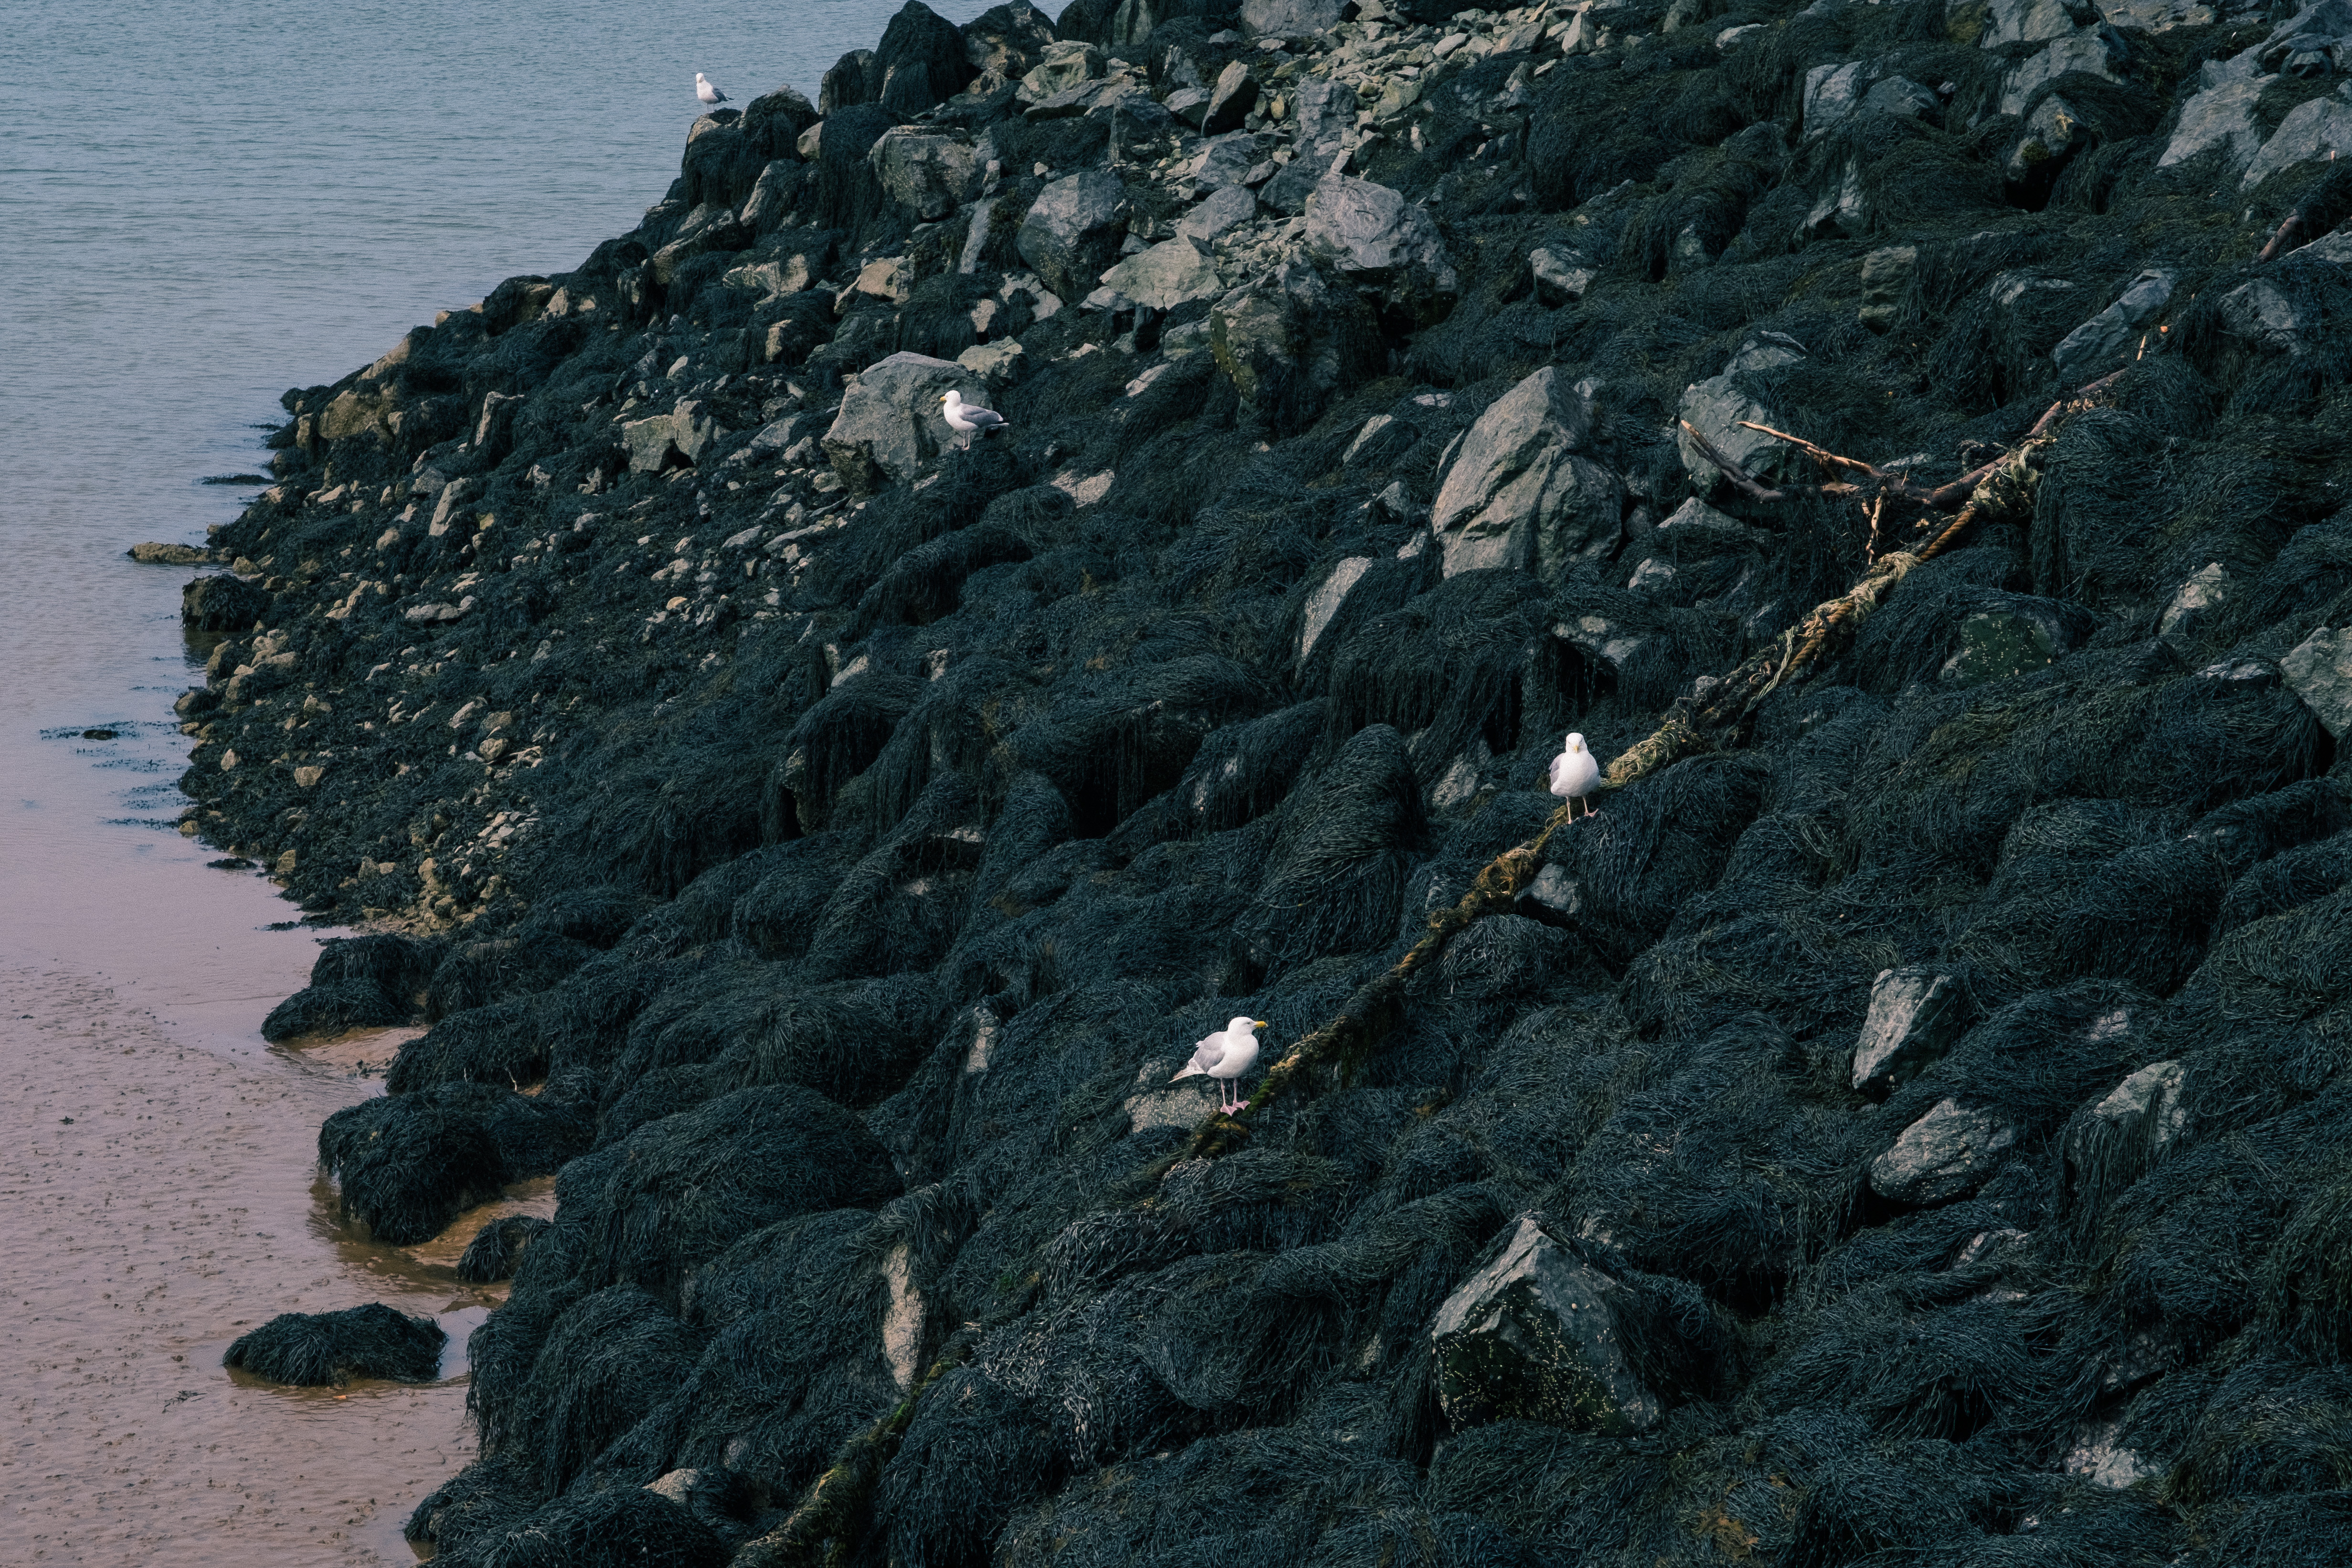 Birds on Rocks at Pier